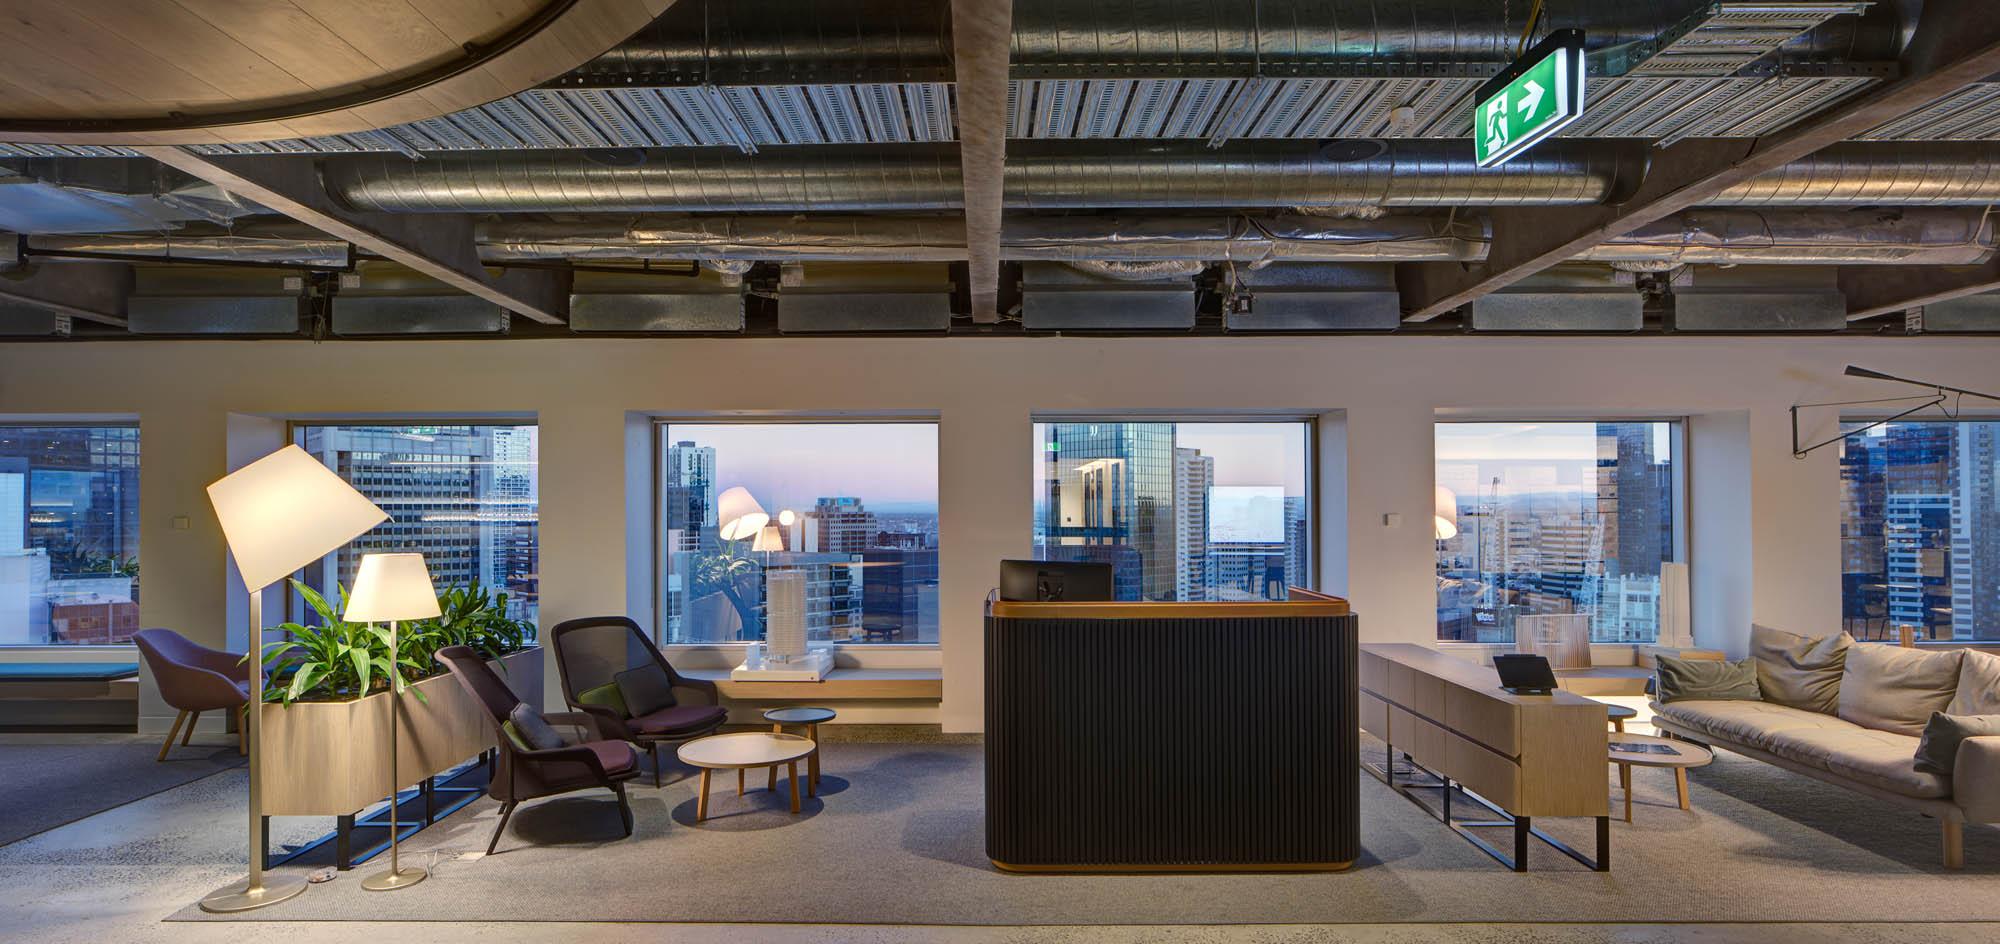 architectus melbourne office fitout reception